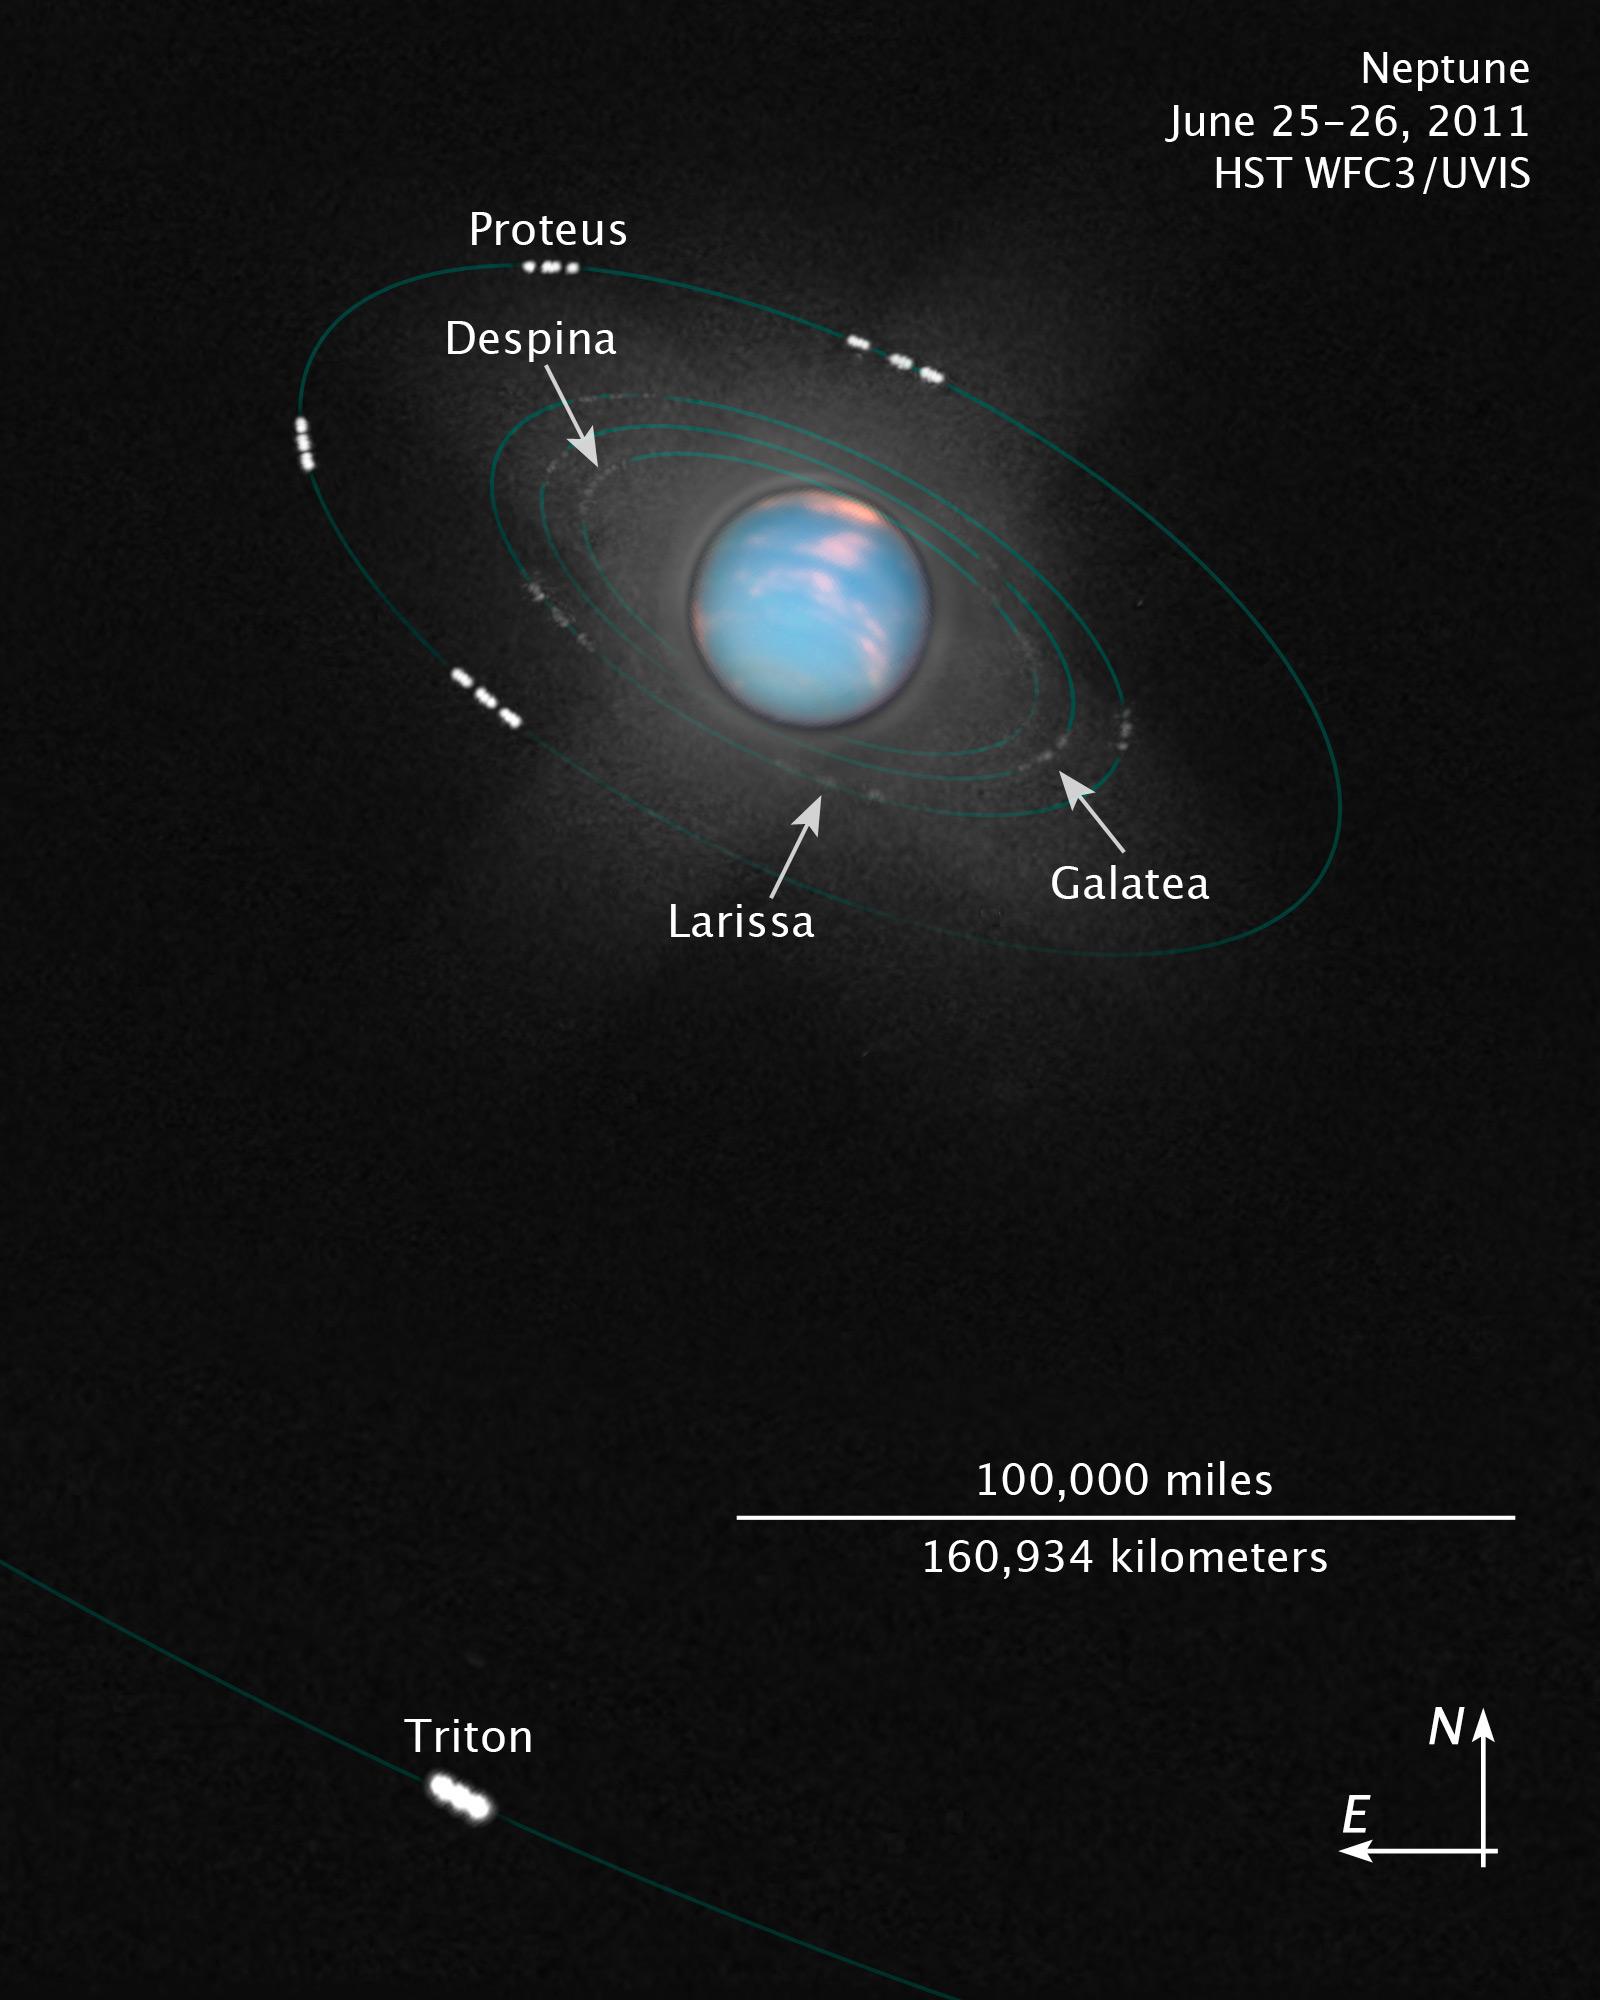 neptune planet moon - photo #14